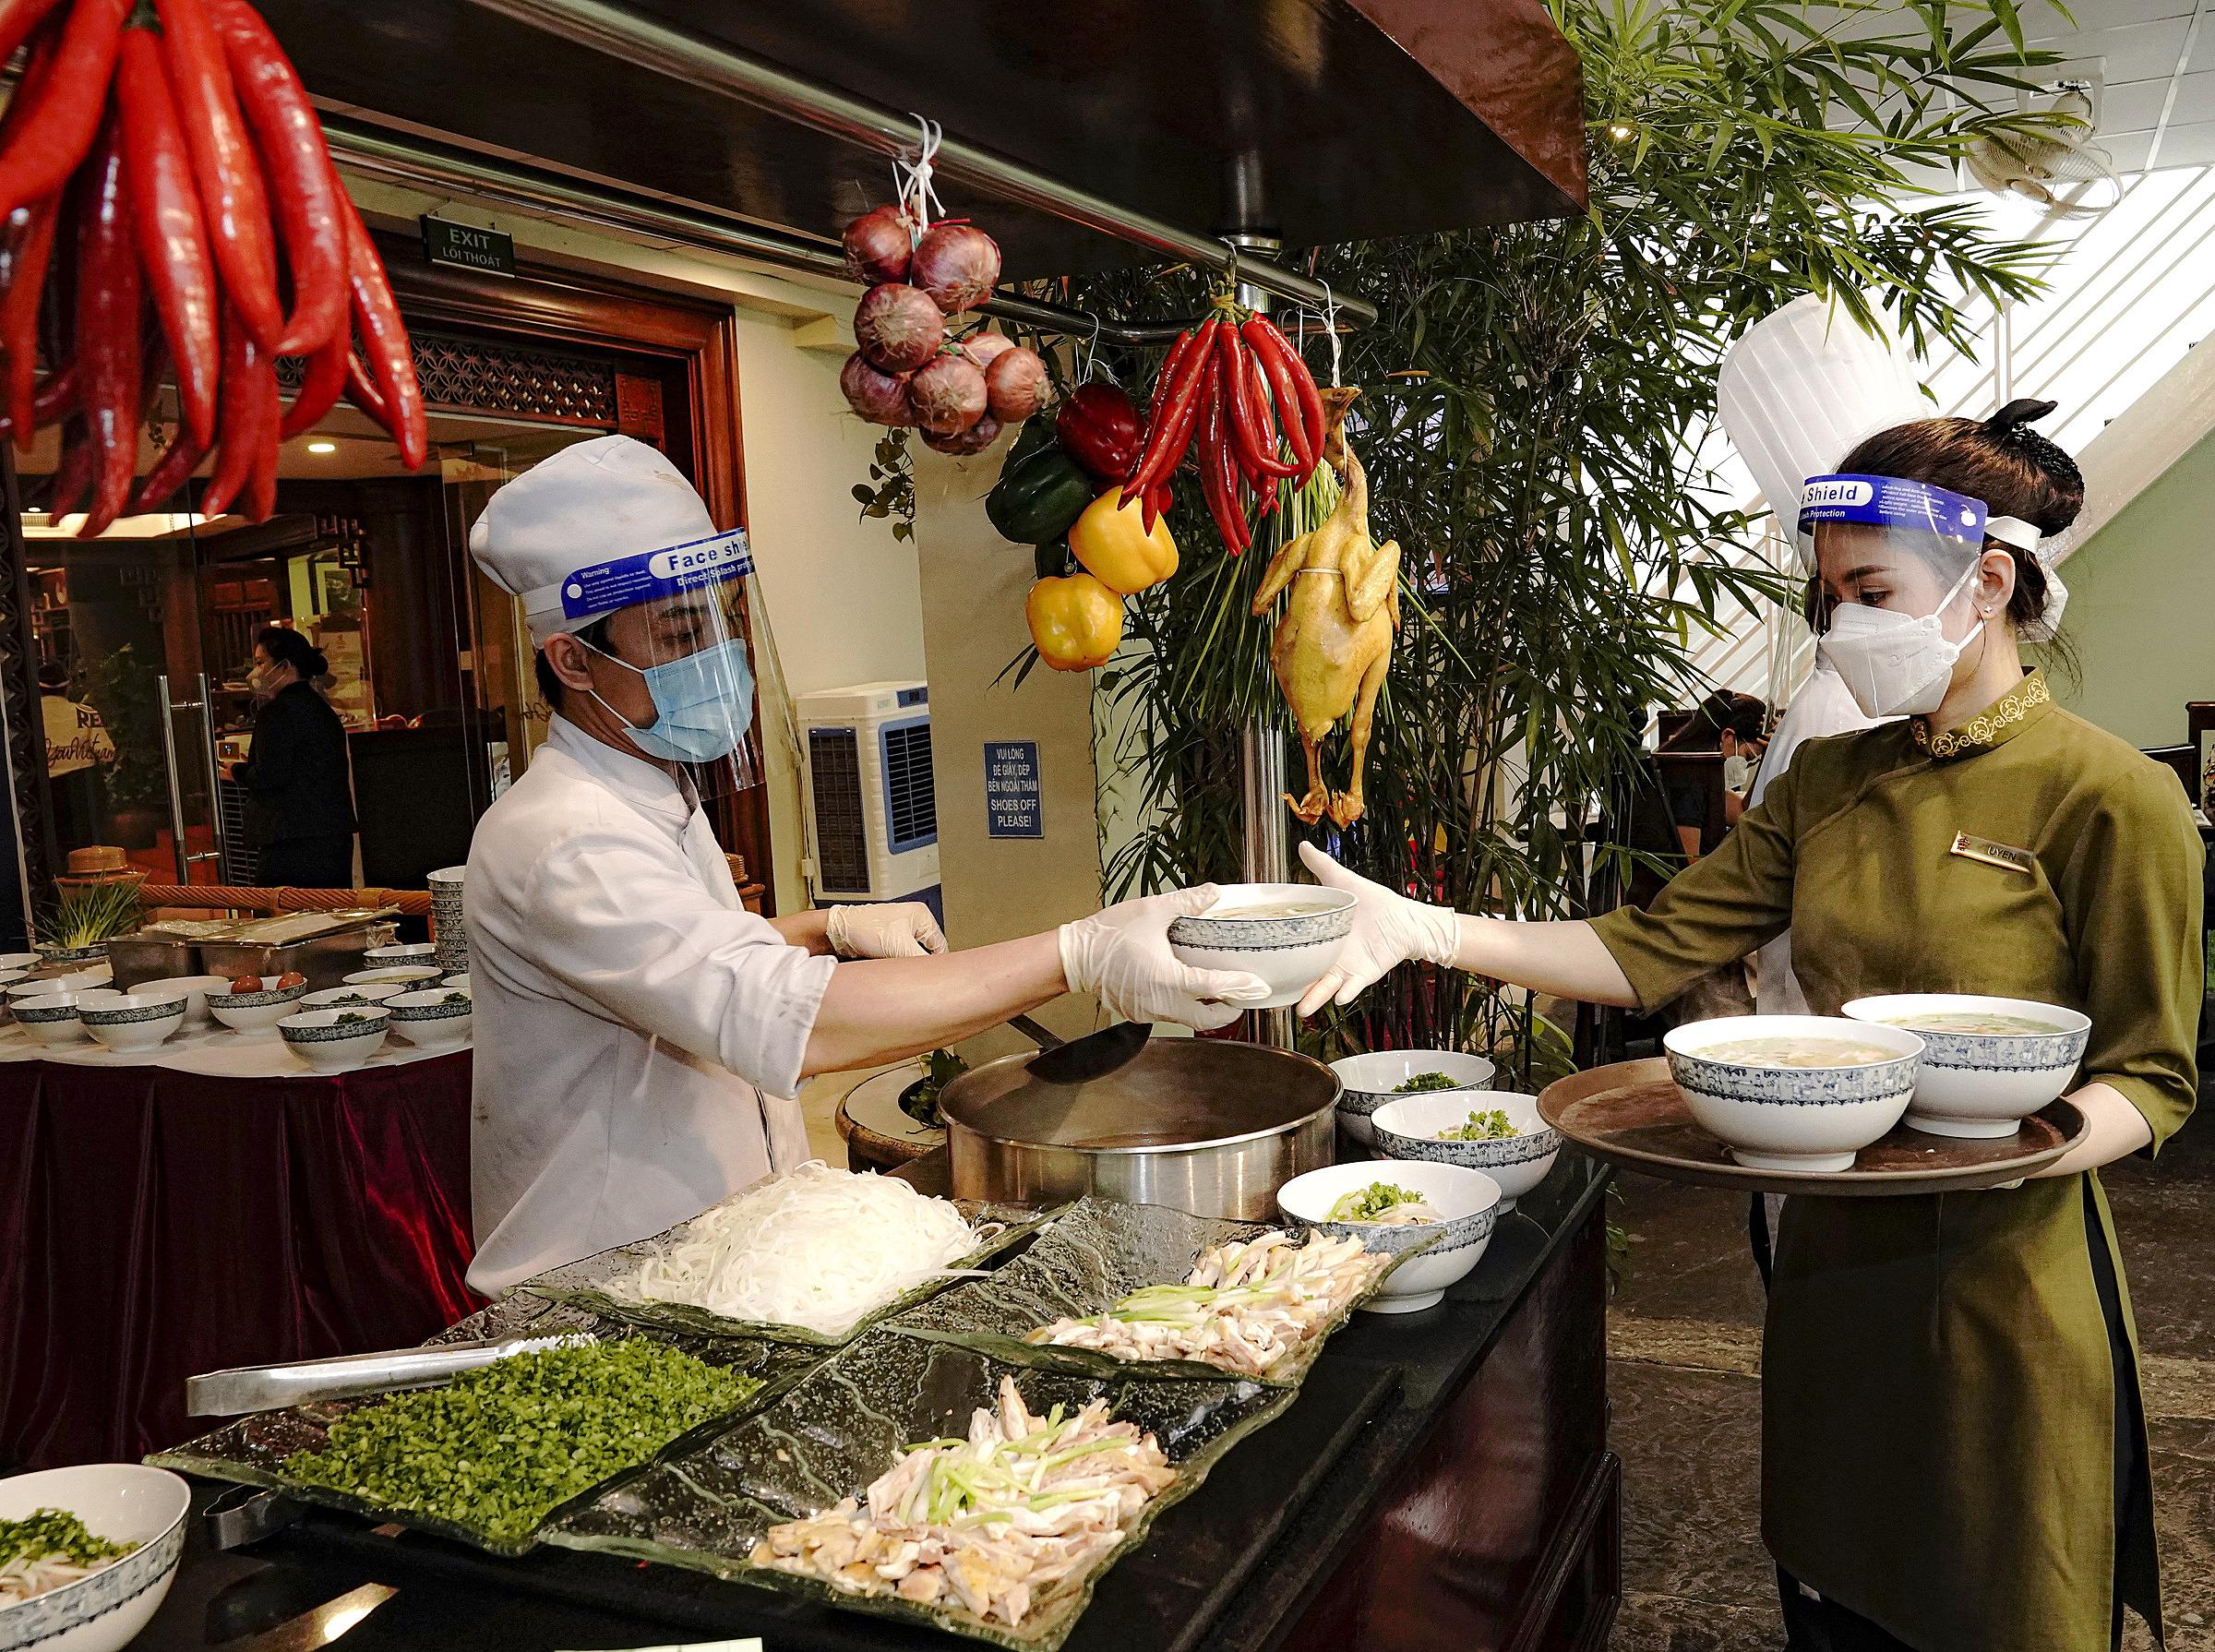 đội ngũ đầu bếp giàu kinh nghiệm của khách sạn 5 sao Rex Sài Gòn thực hiện